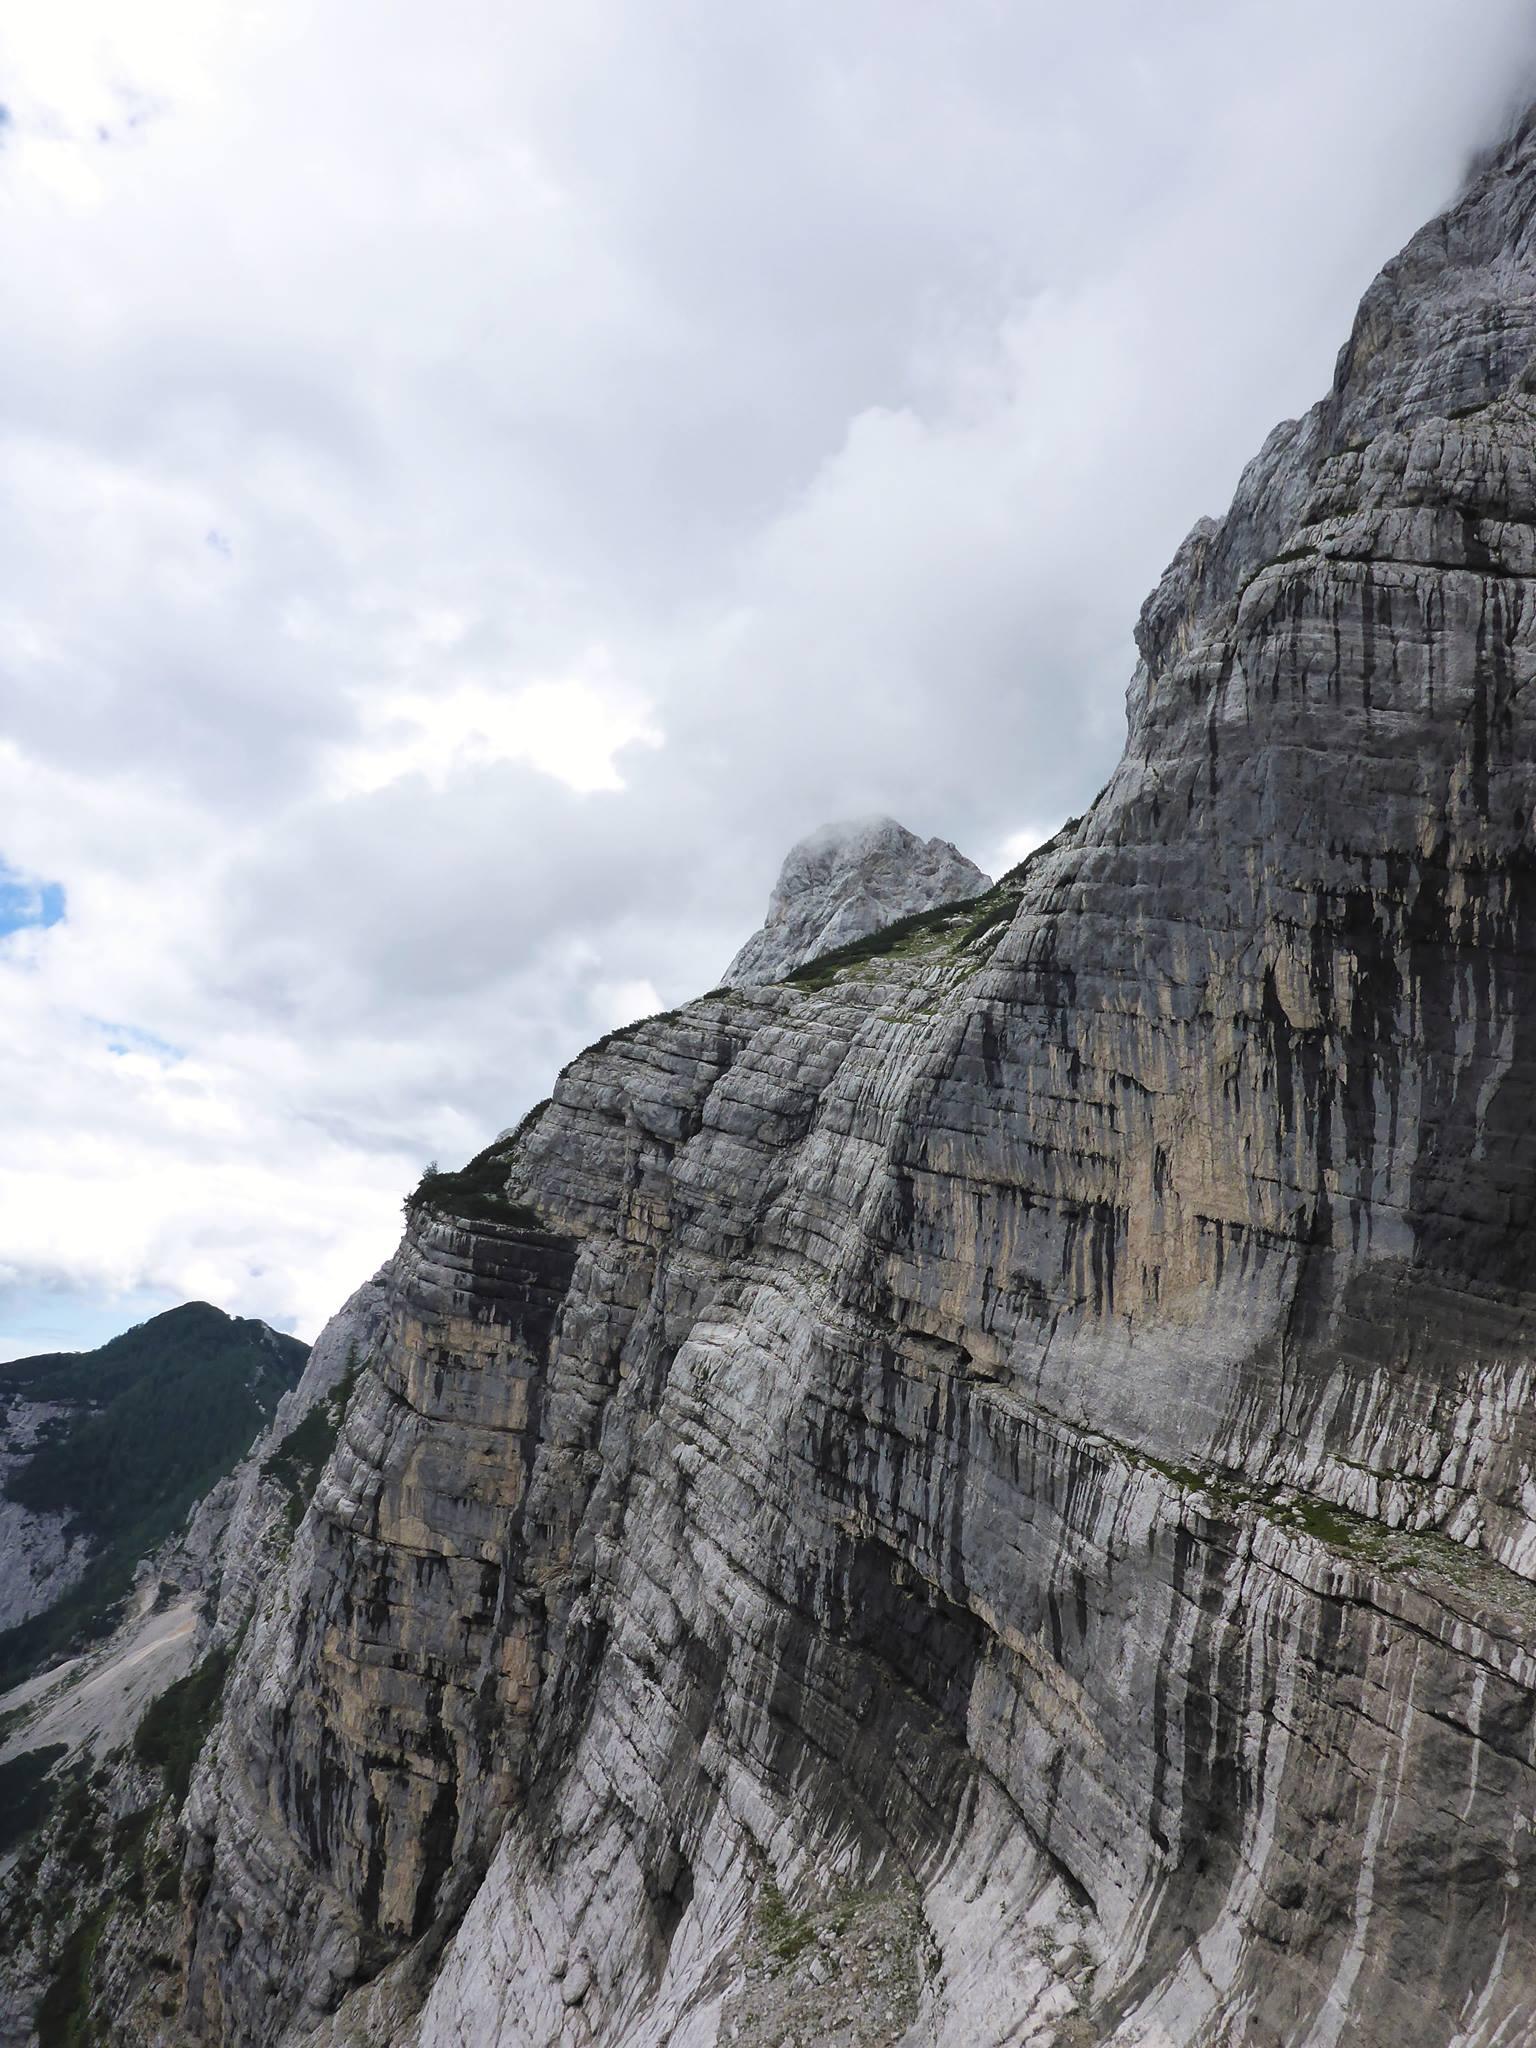 Les paysages calcaires se dessinent au fur et à mesure des dénivellés grimpés